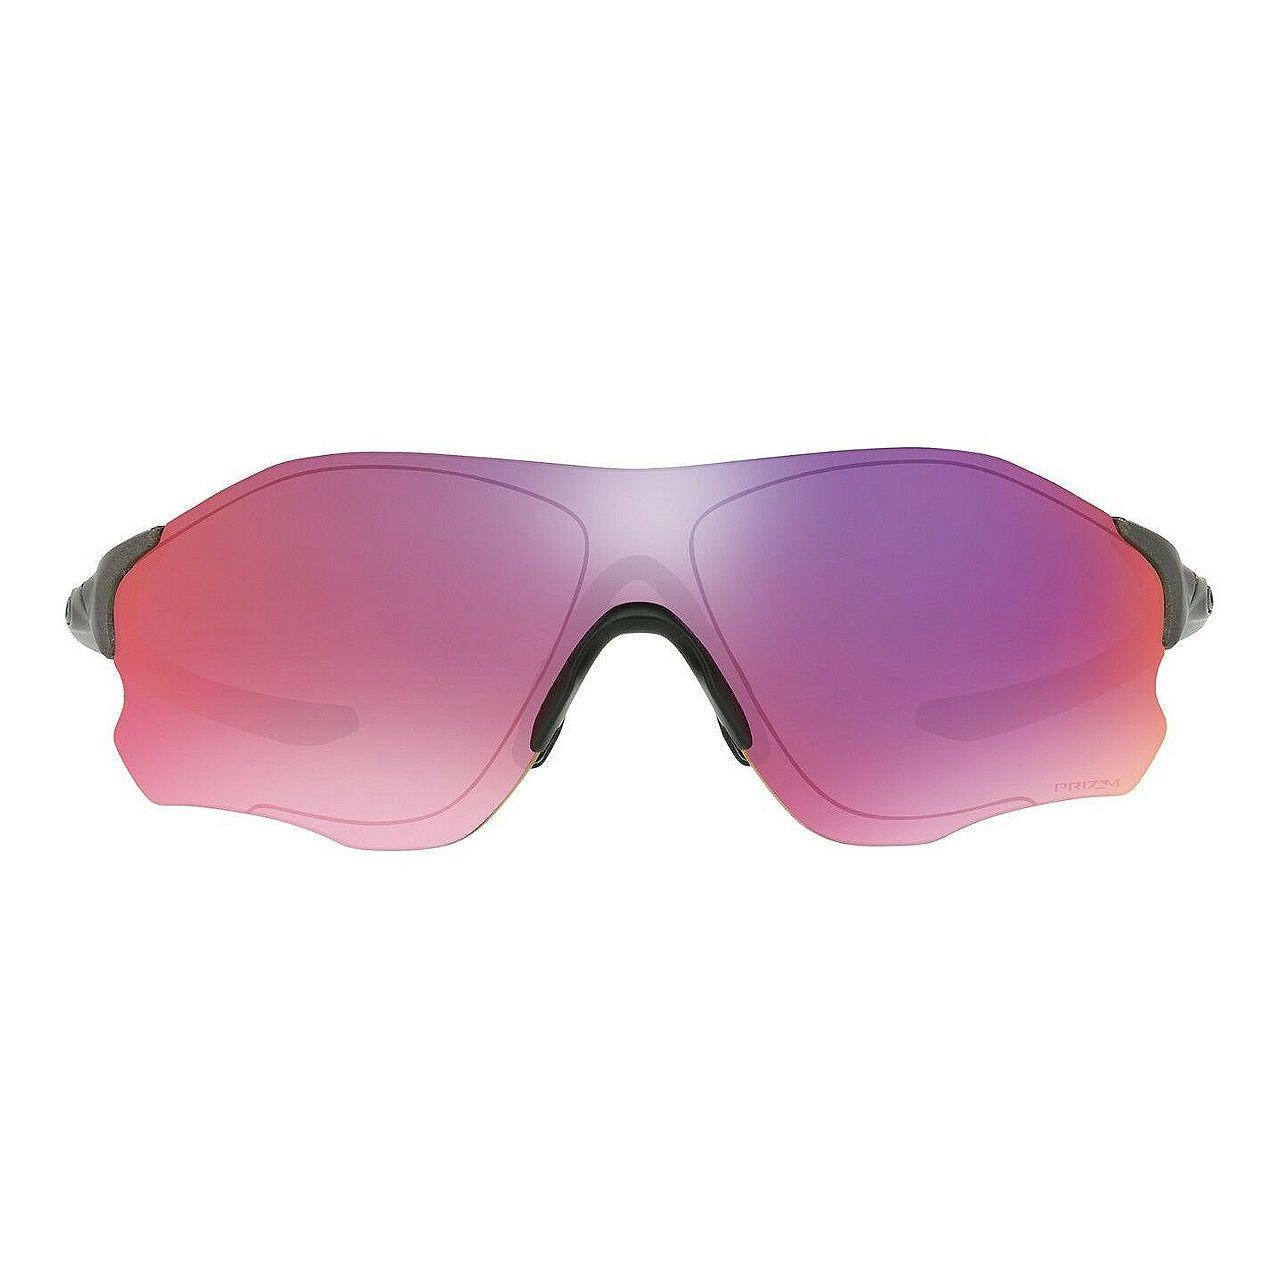 عینک آفتابی اوکلی مدل EVZero Path Lead کد OO9308-1138 -  - 2